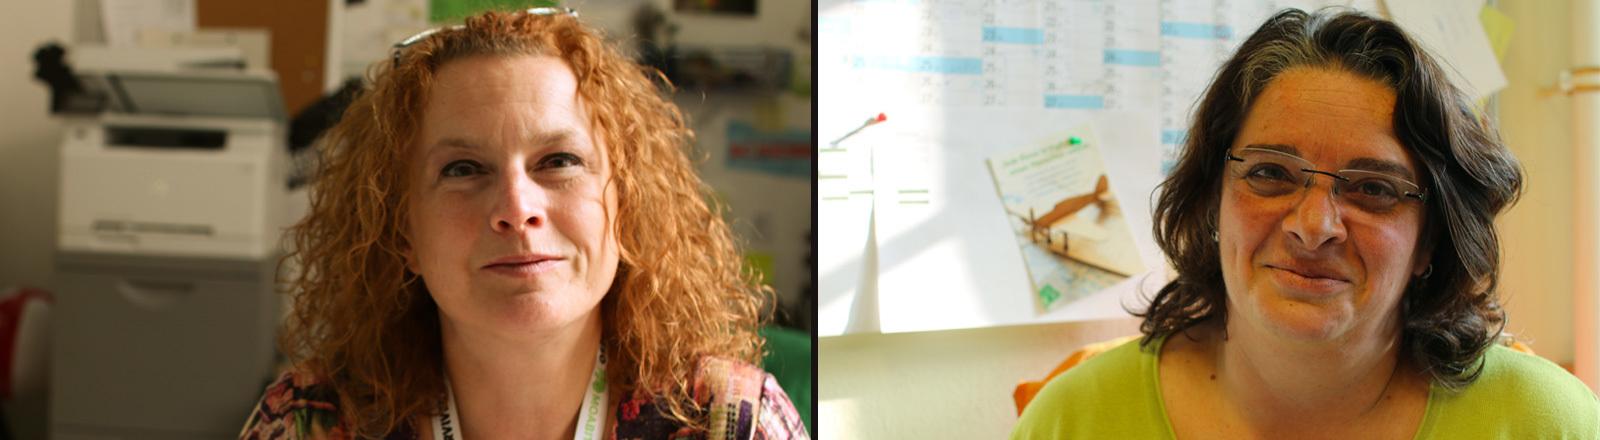 Christiane Beckmann von Moabit hilft e.V. und Lidia Giloni, die ebenfalls in der Flüchtlingshilfe arbeitet.